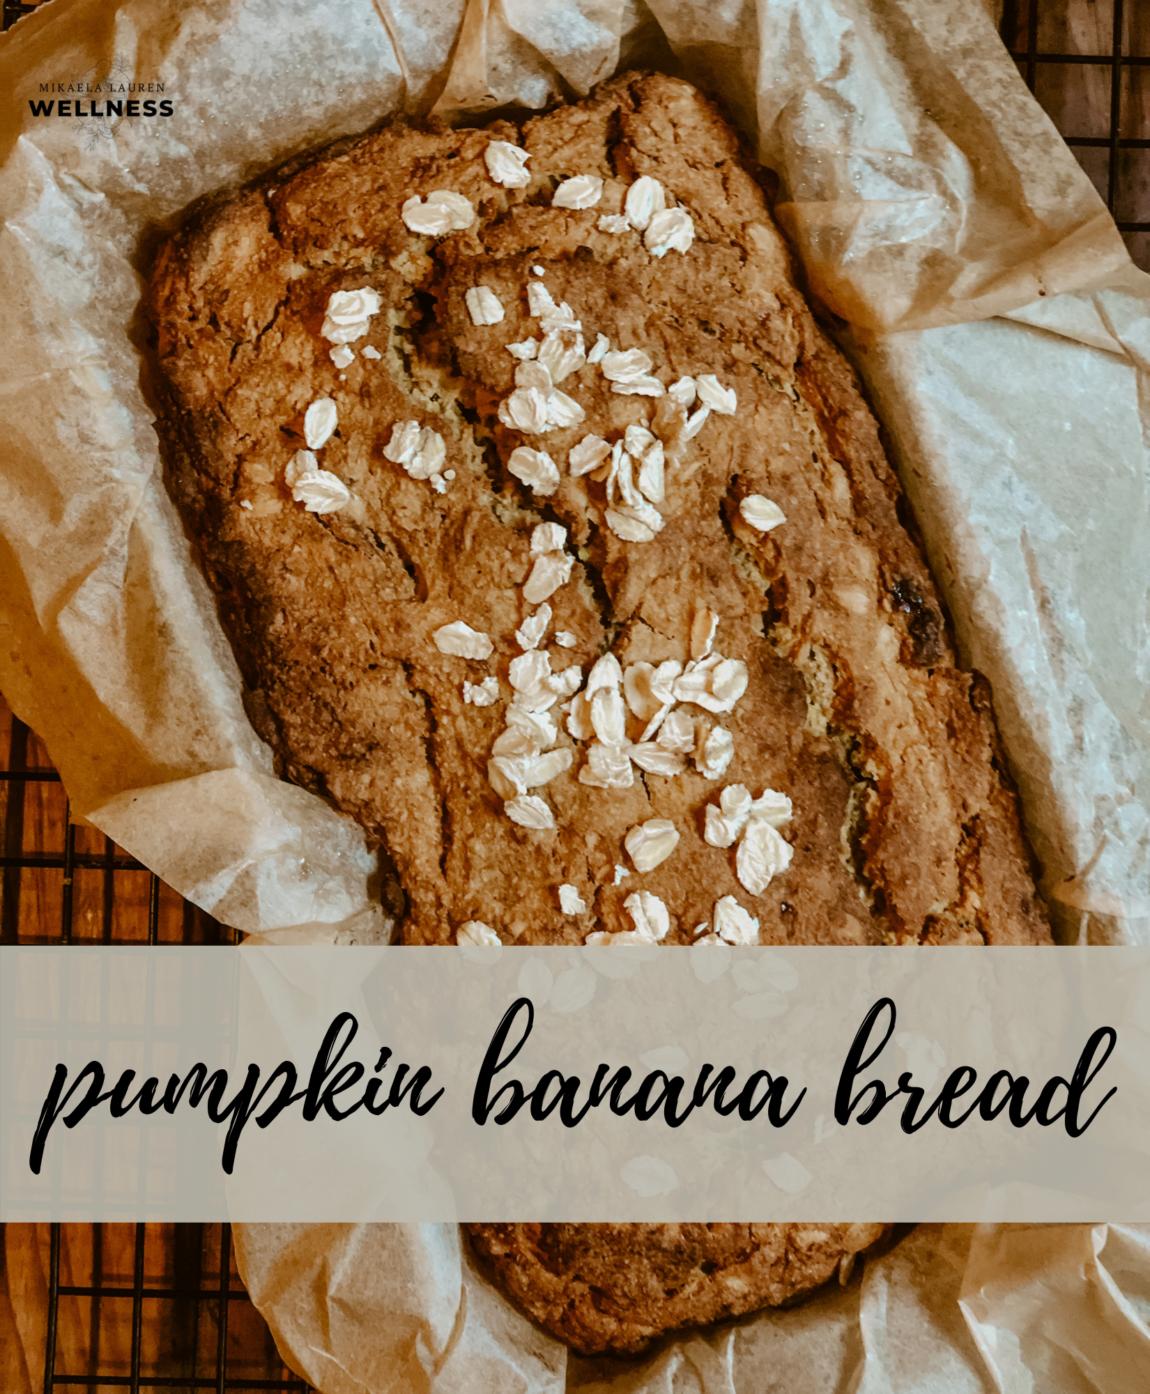 Mikaela Lauren Wellness Pumpkin Banana Bread Recipe